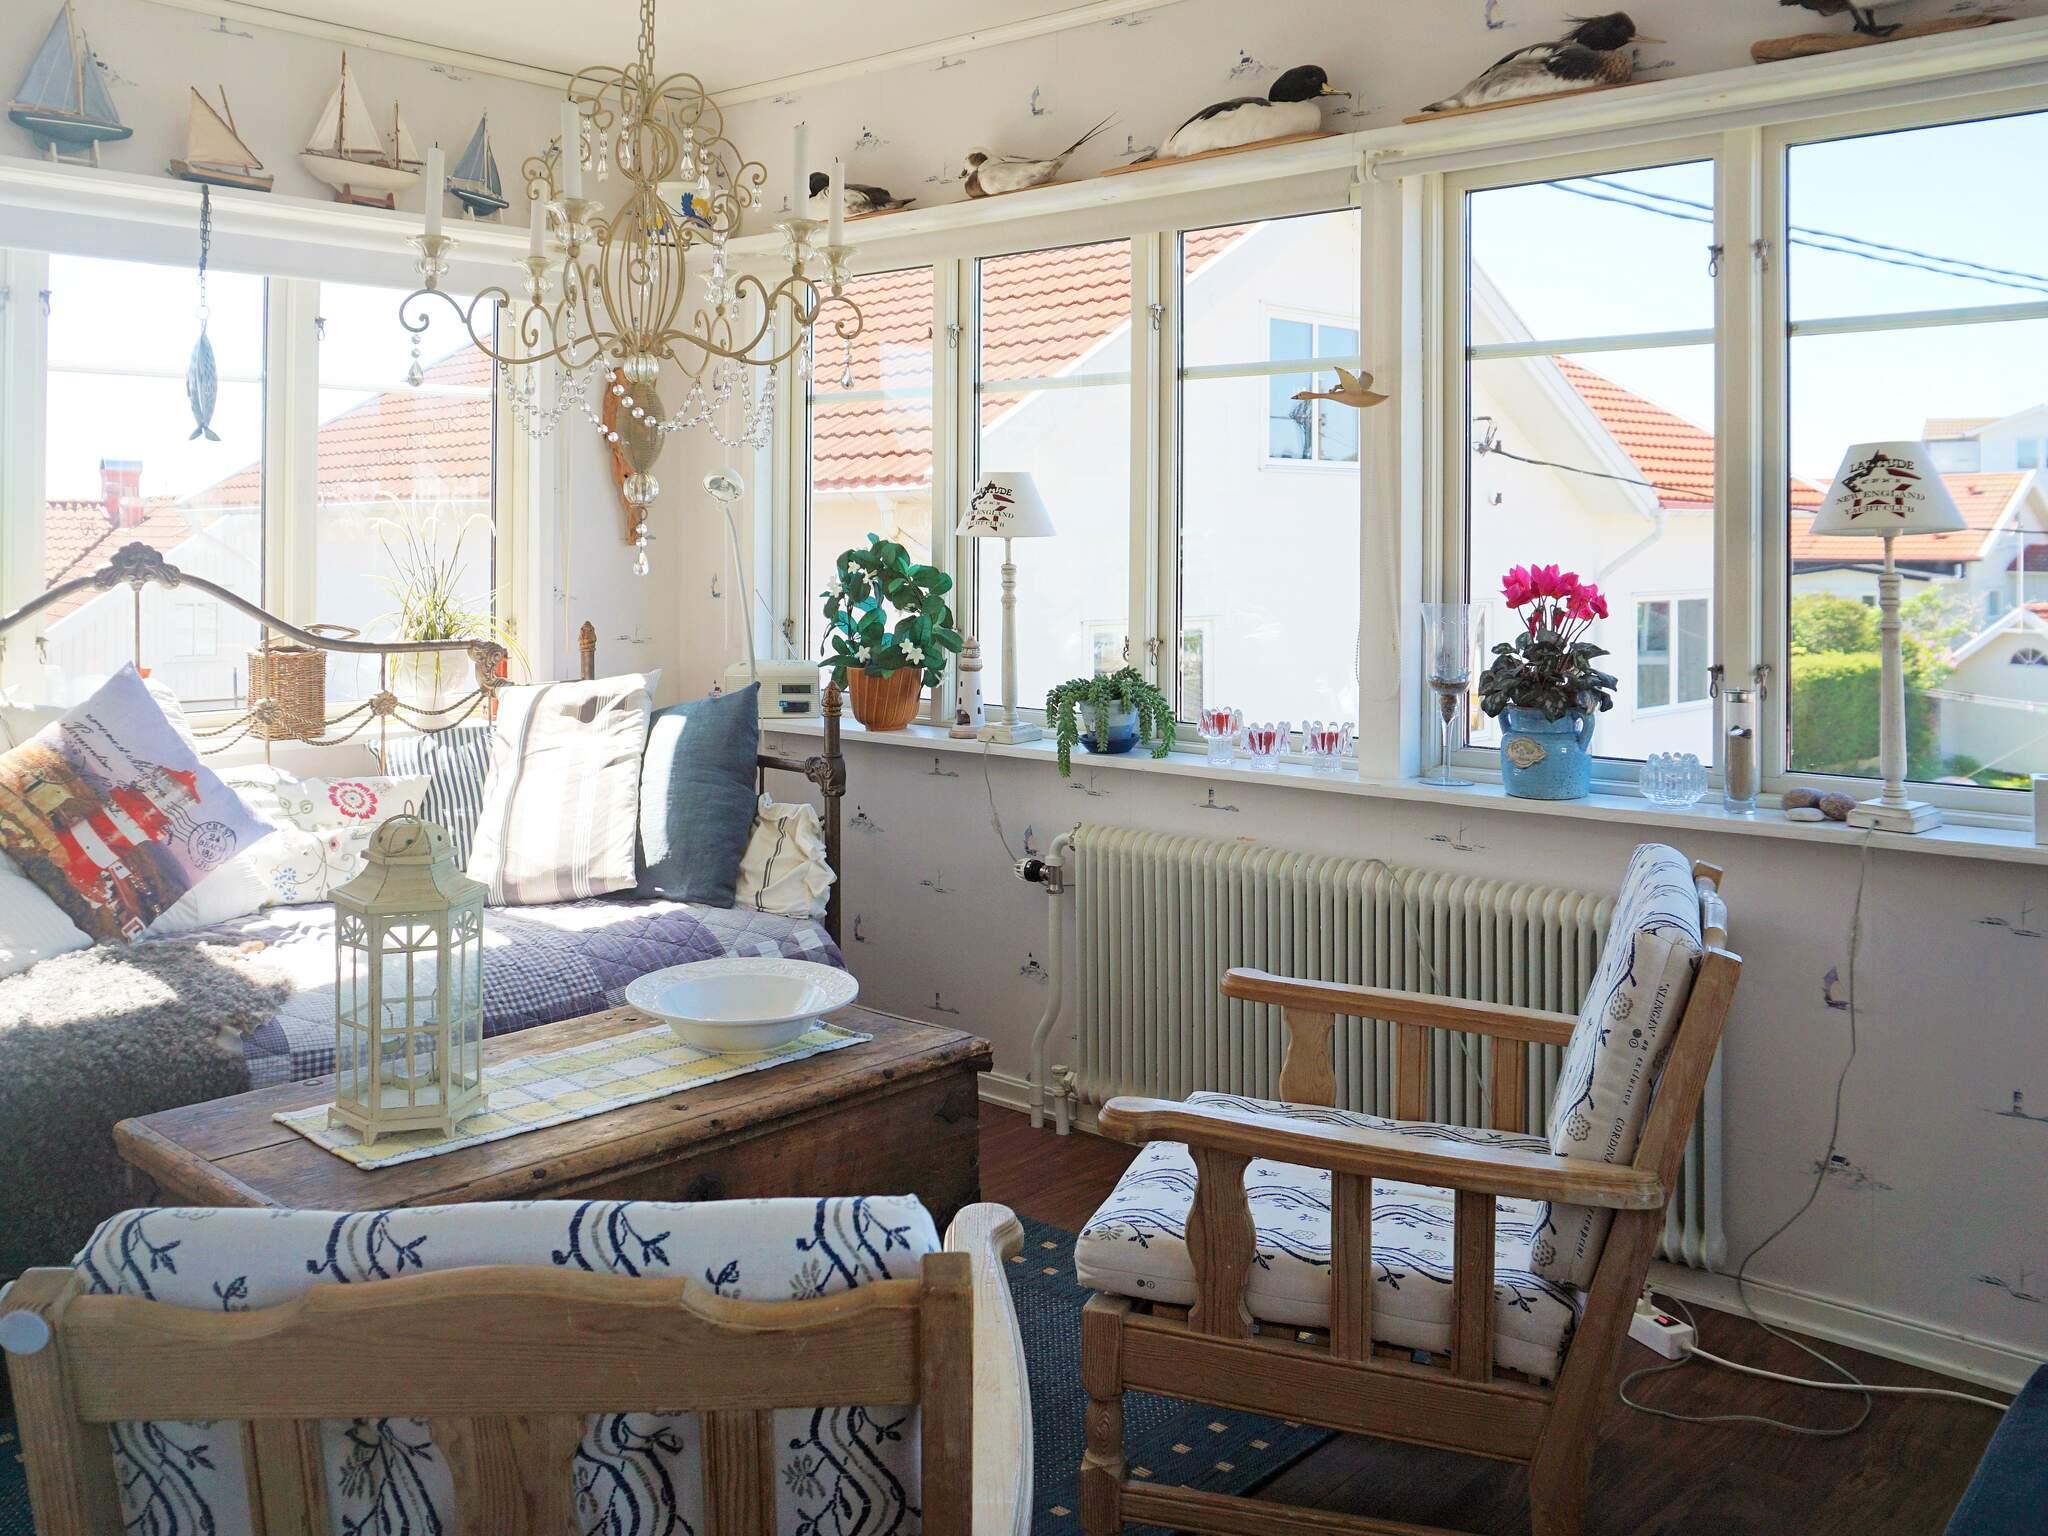 Ferienhaus Göteborgs Skärgård (2626803), Hälsö, Västra Götaland län, Westschweden, Schweden, Bild 2